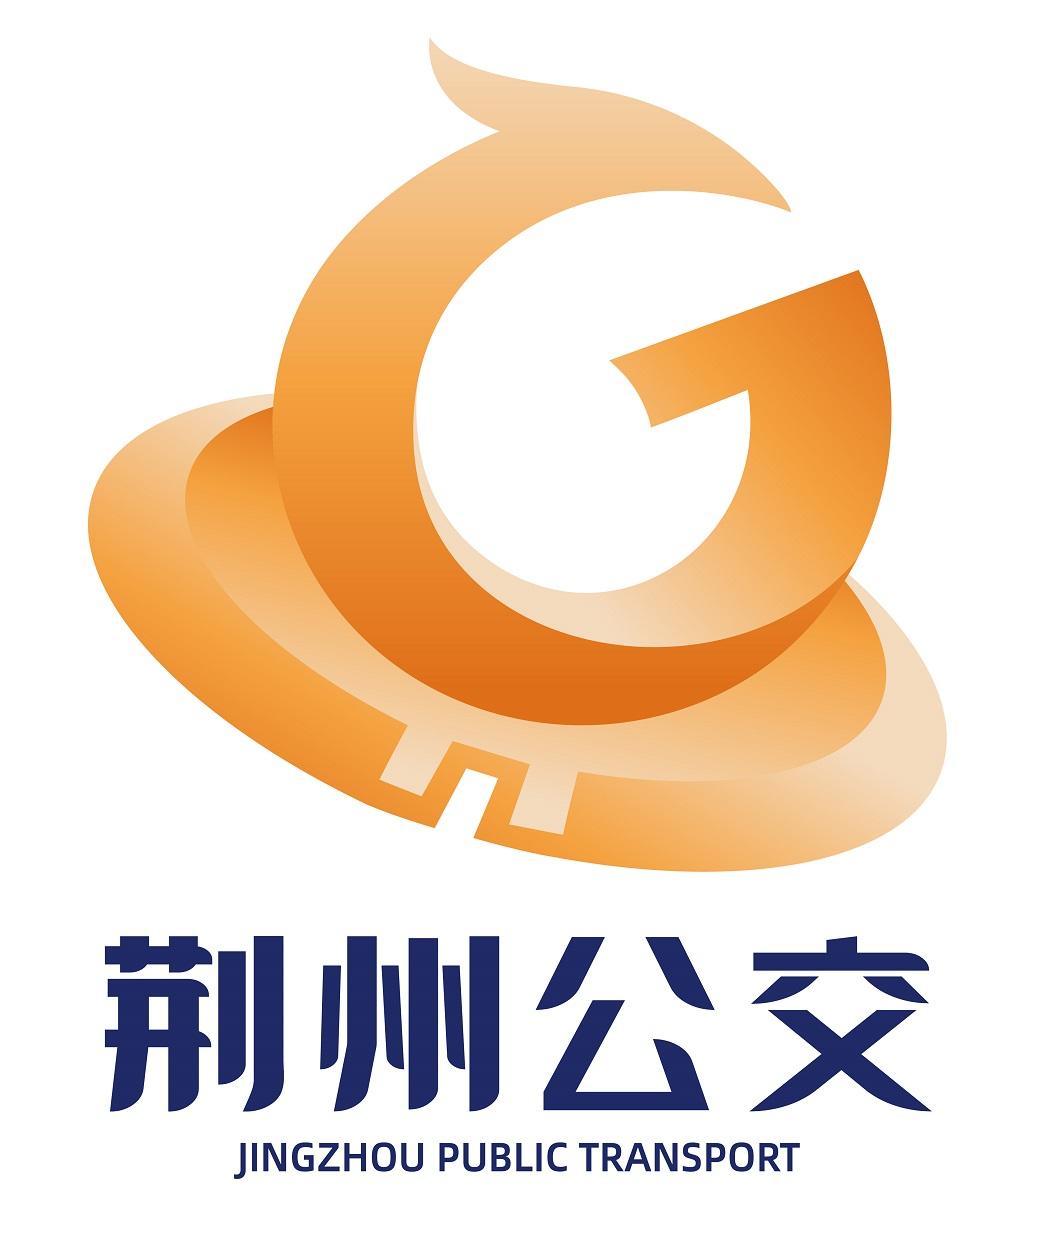 荆州公交手机客户端1.0.5.210615release 安卓最新版